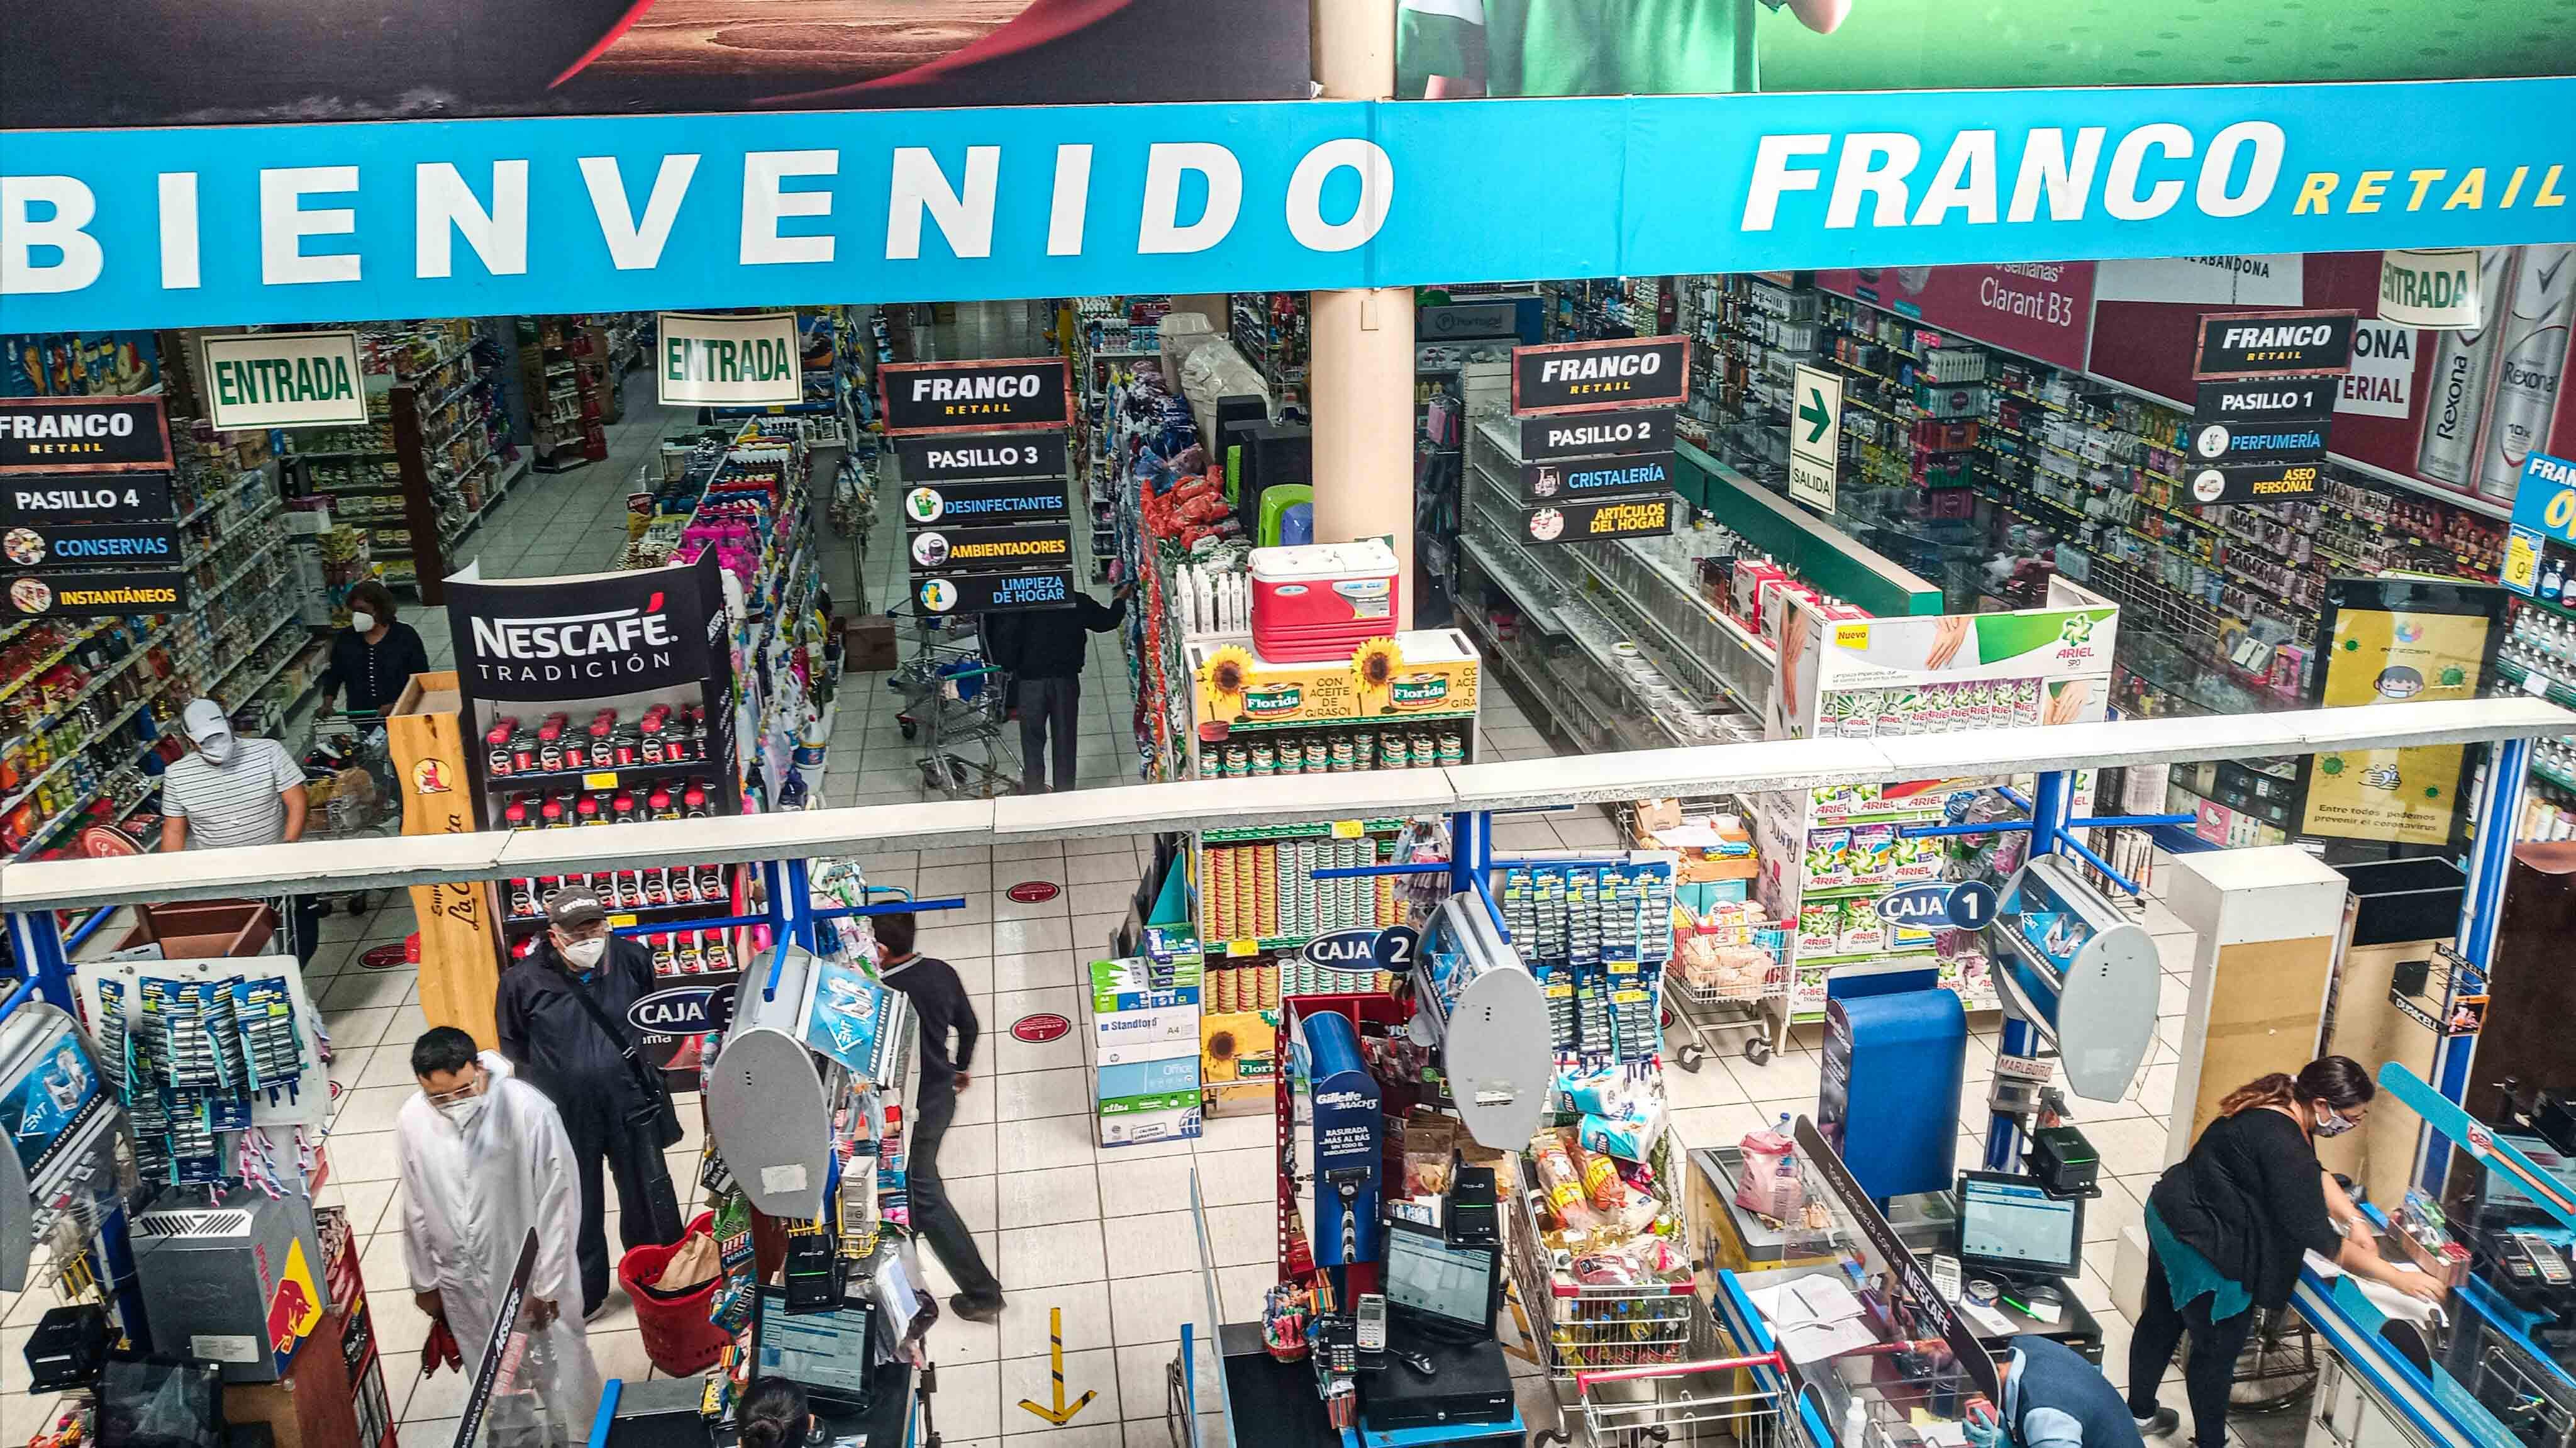 Foco en Franco Retail, la cadena de supermercados arequipeña que doblará su apuesta por Lima